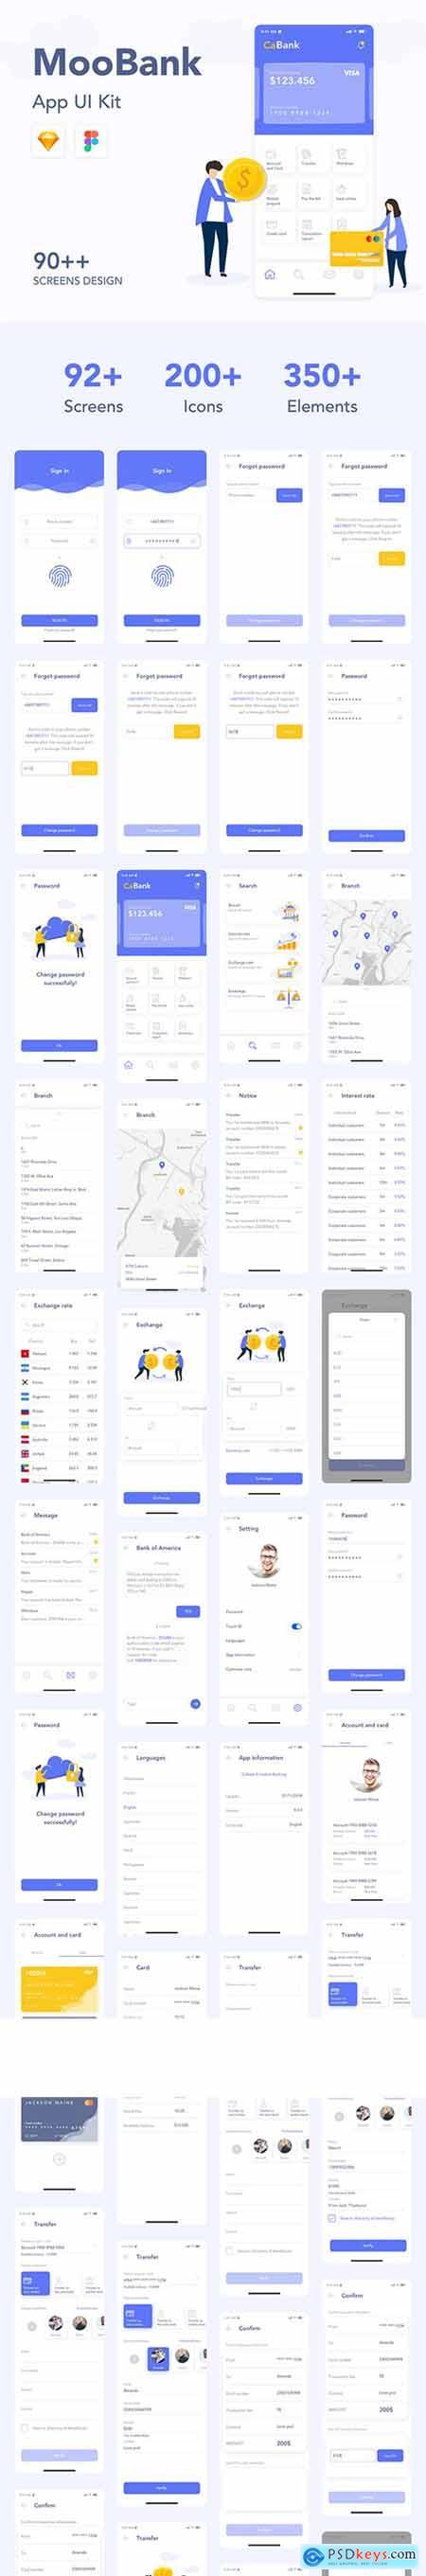 MooBank UI Kit